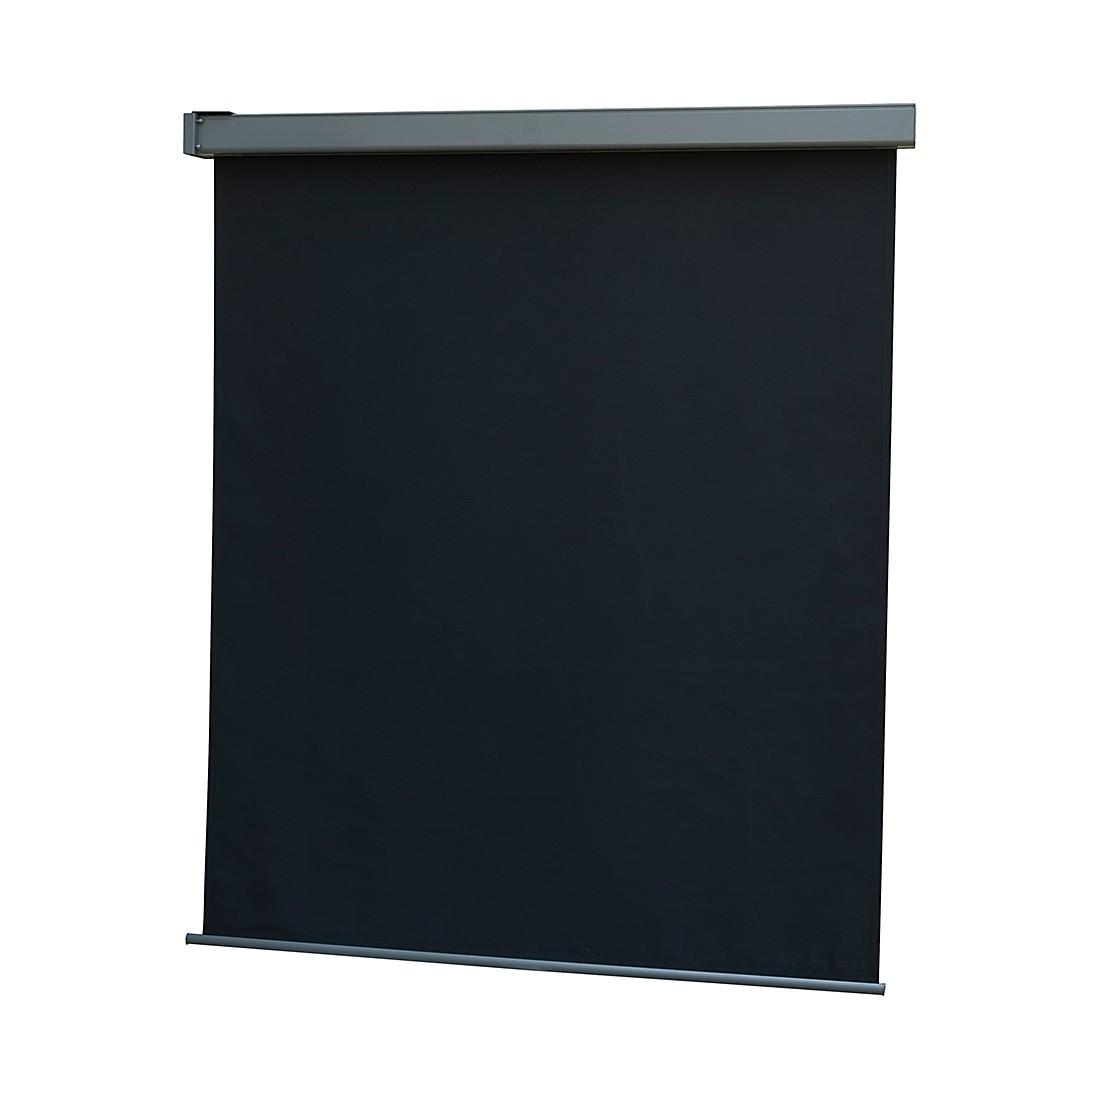 Balkonmarkise Florence - Aluminium/Polyester - Anthrazit - Breite: 120 cm, Leco